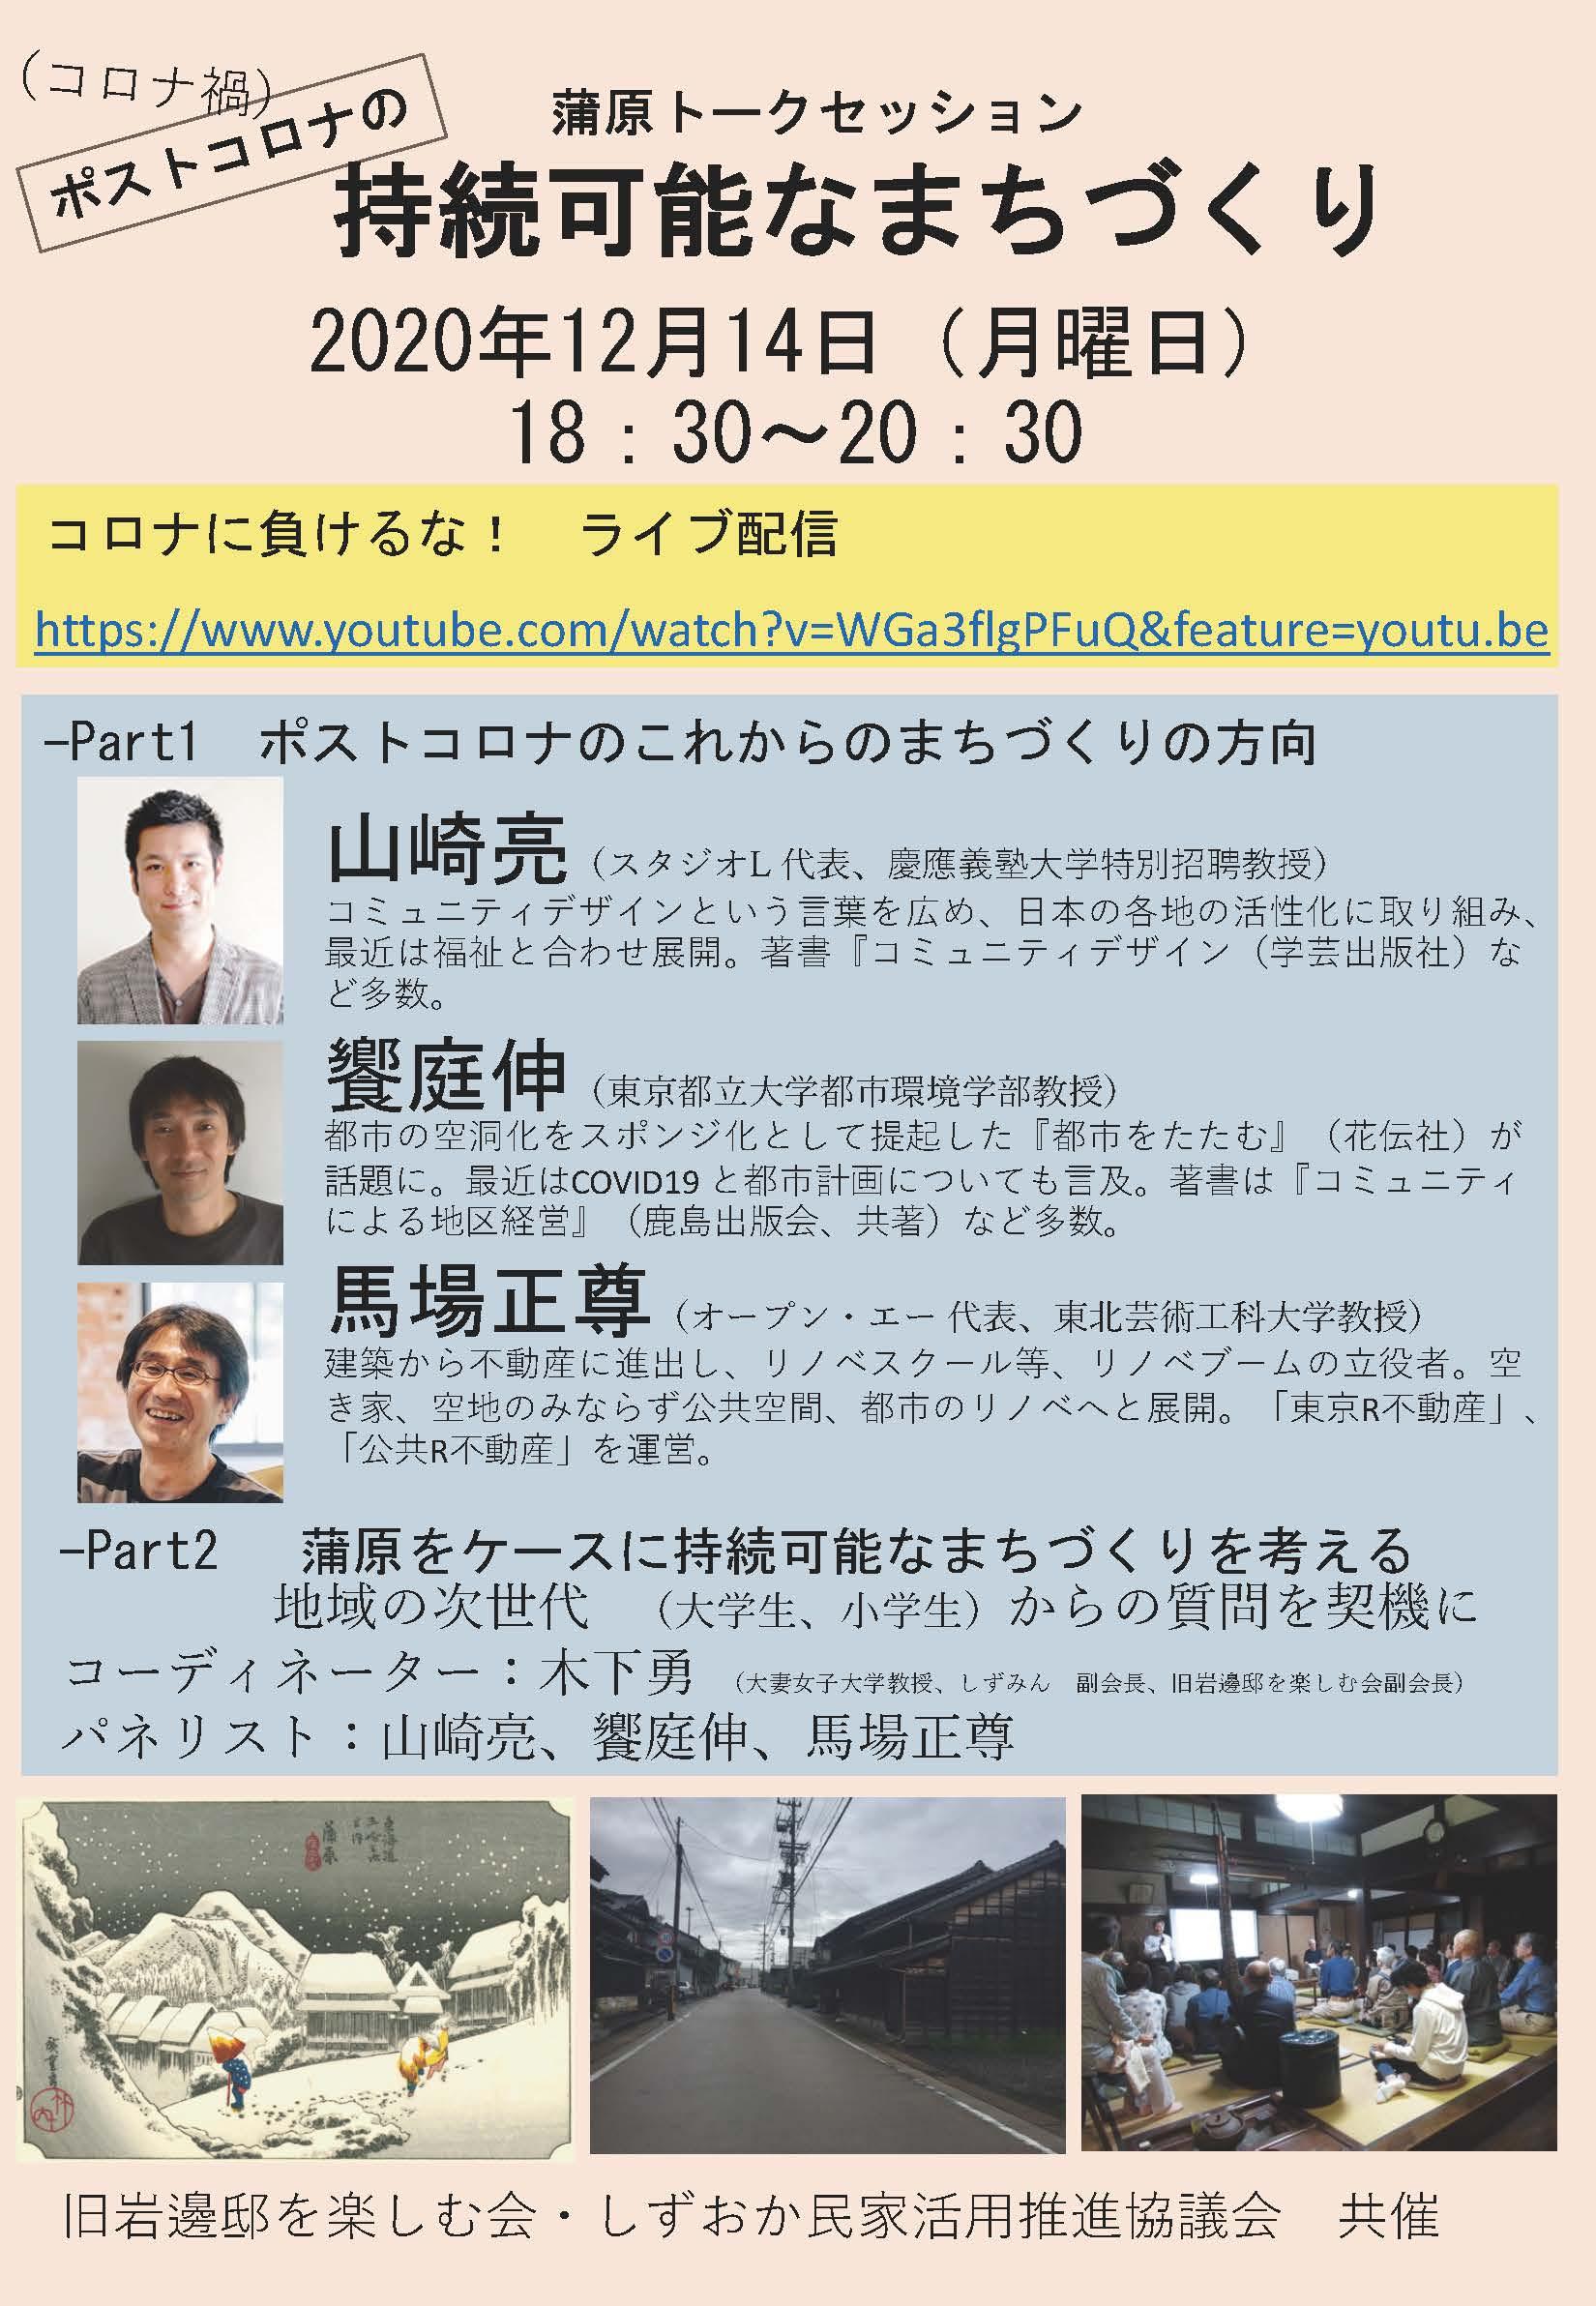 蒲原トークセッション持続可能なまちづくり開催のお知らせ